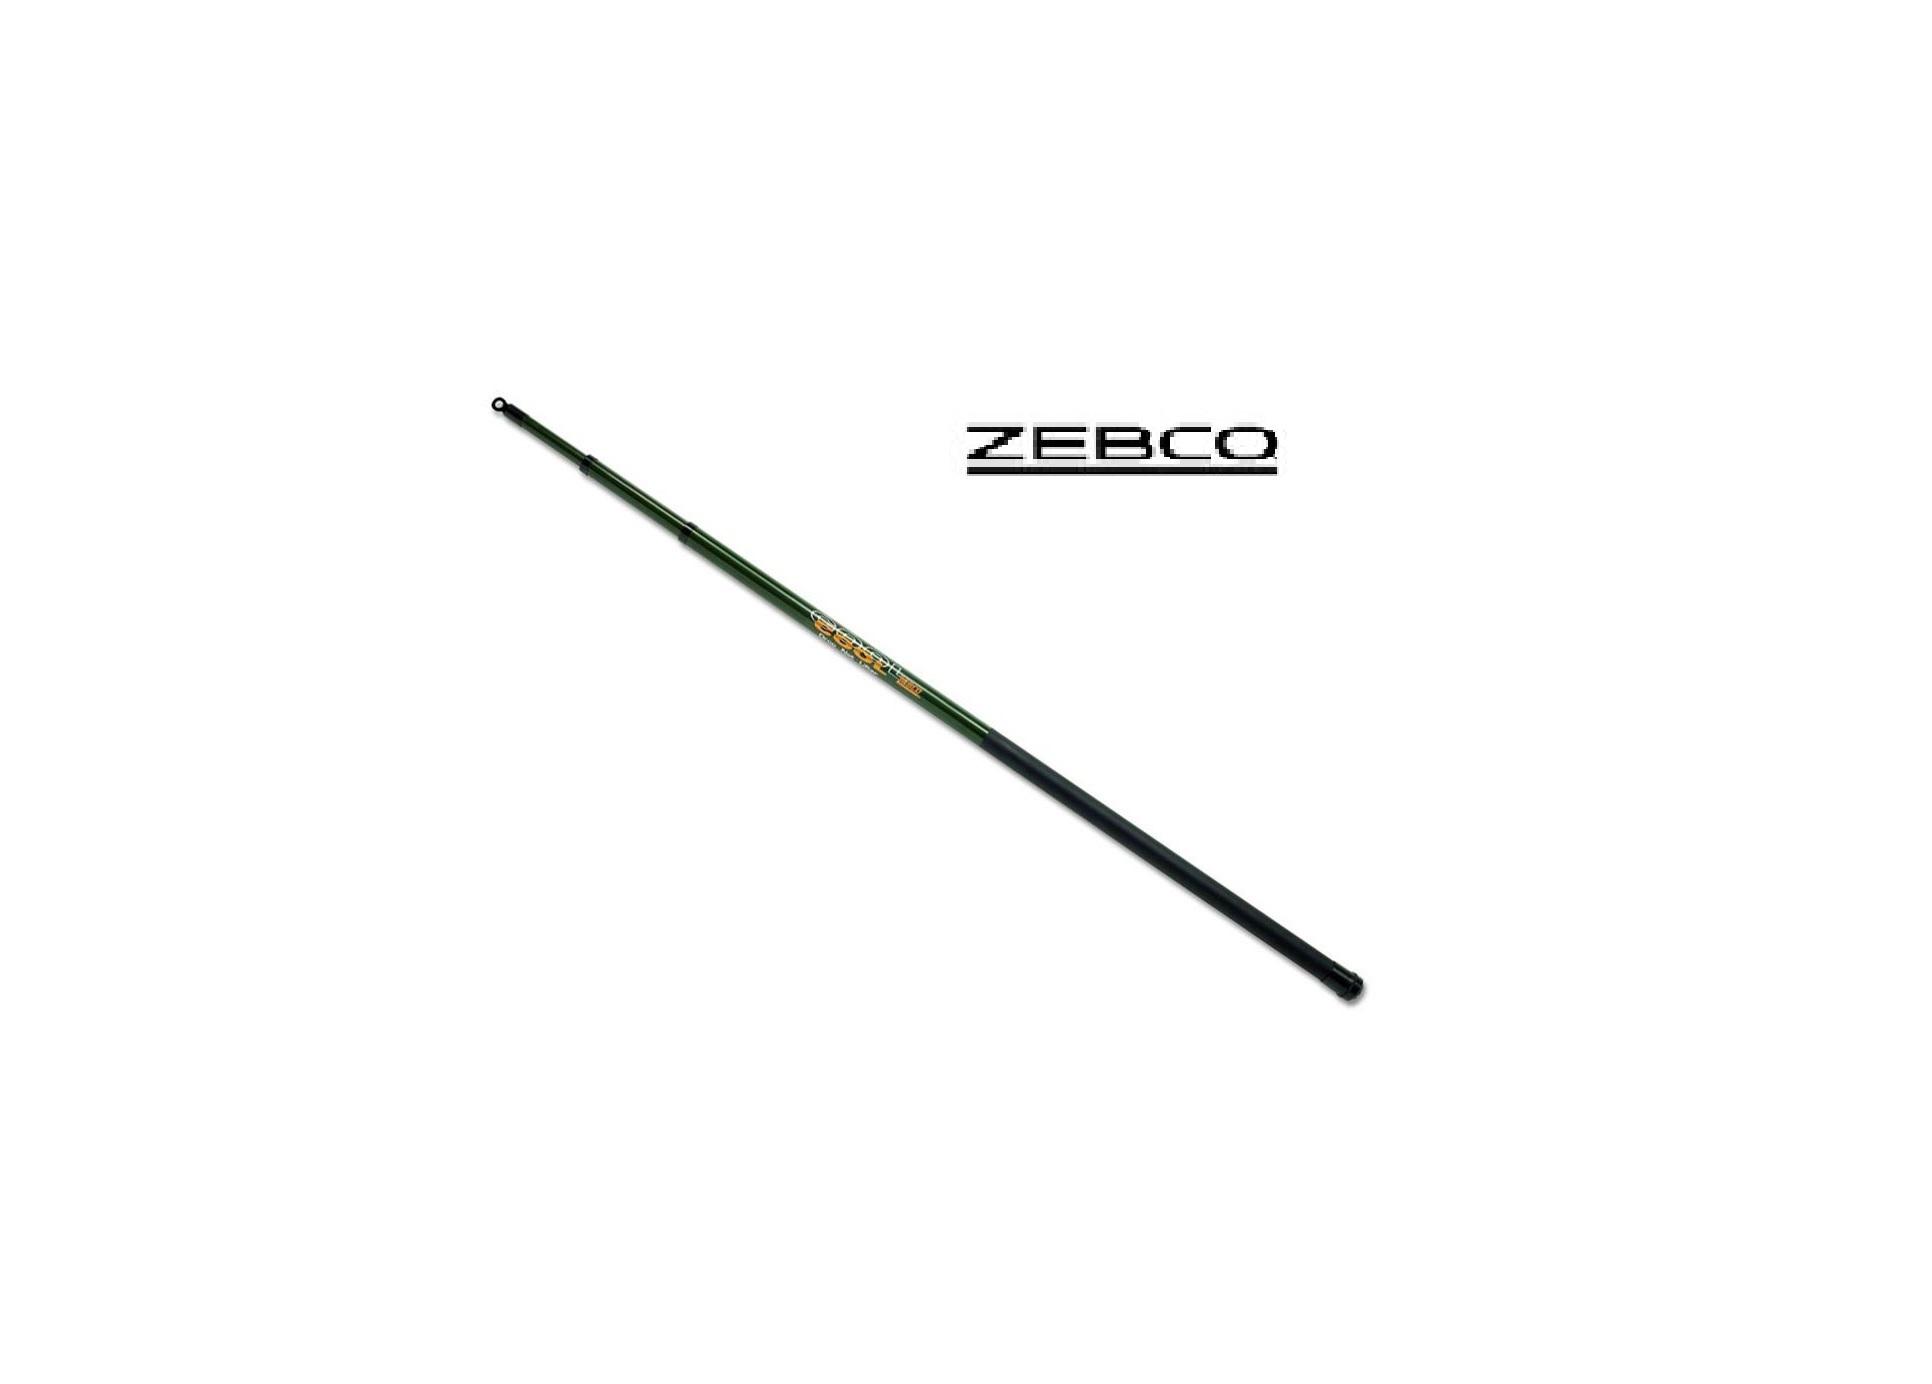 Palo bilancia Zebco 3 mt